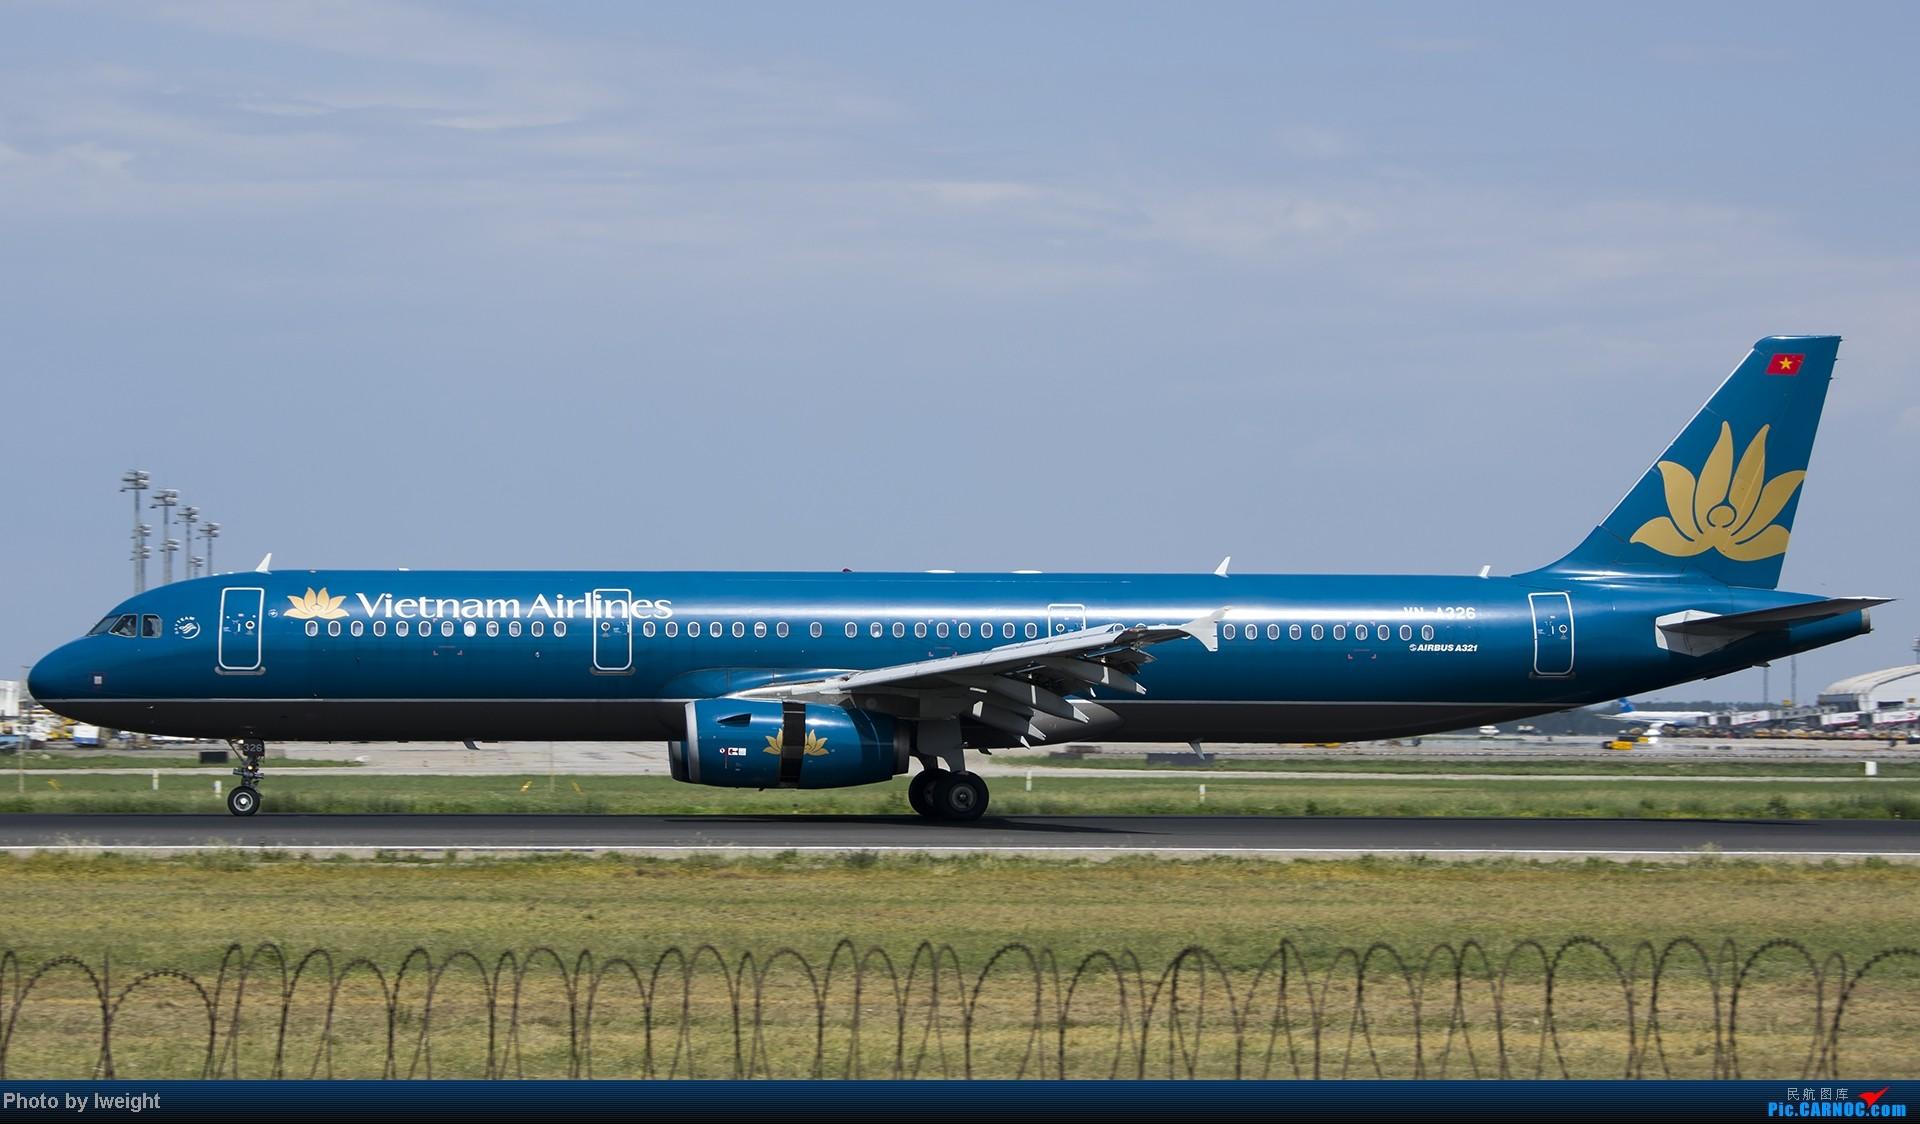 Re:[原创]酷暑周末拍遍PEK三条跑道,收获众多常见机型 AIRBUS A320-200 VN-A326 中国北京首都机场